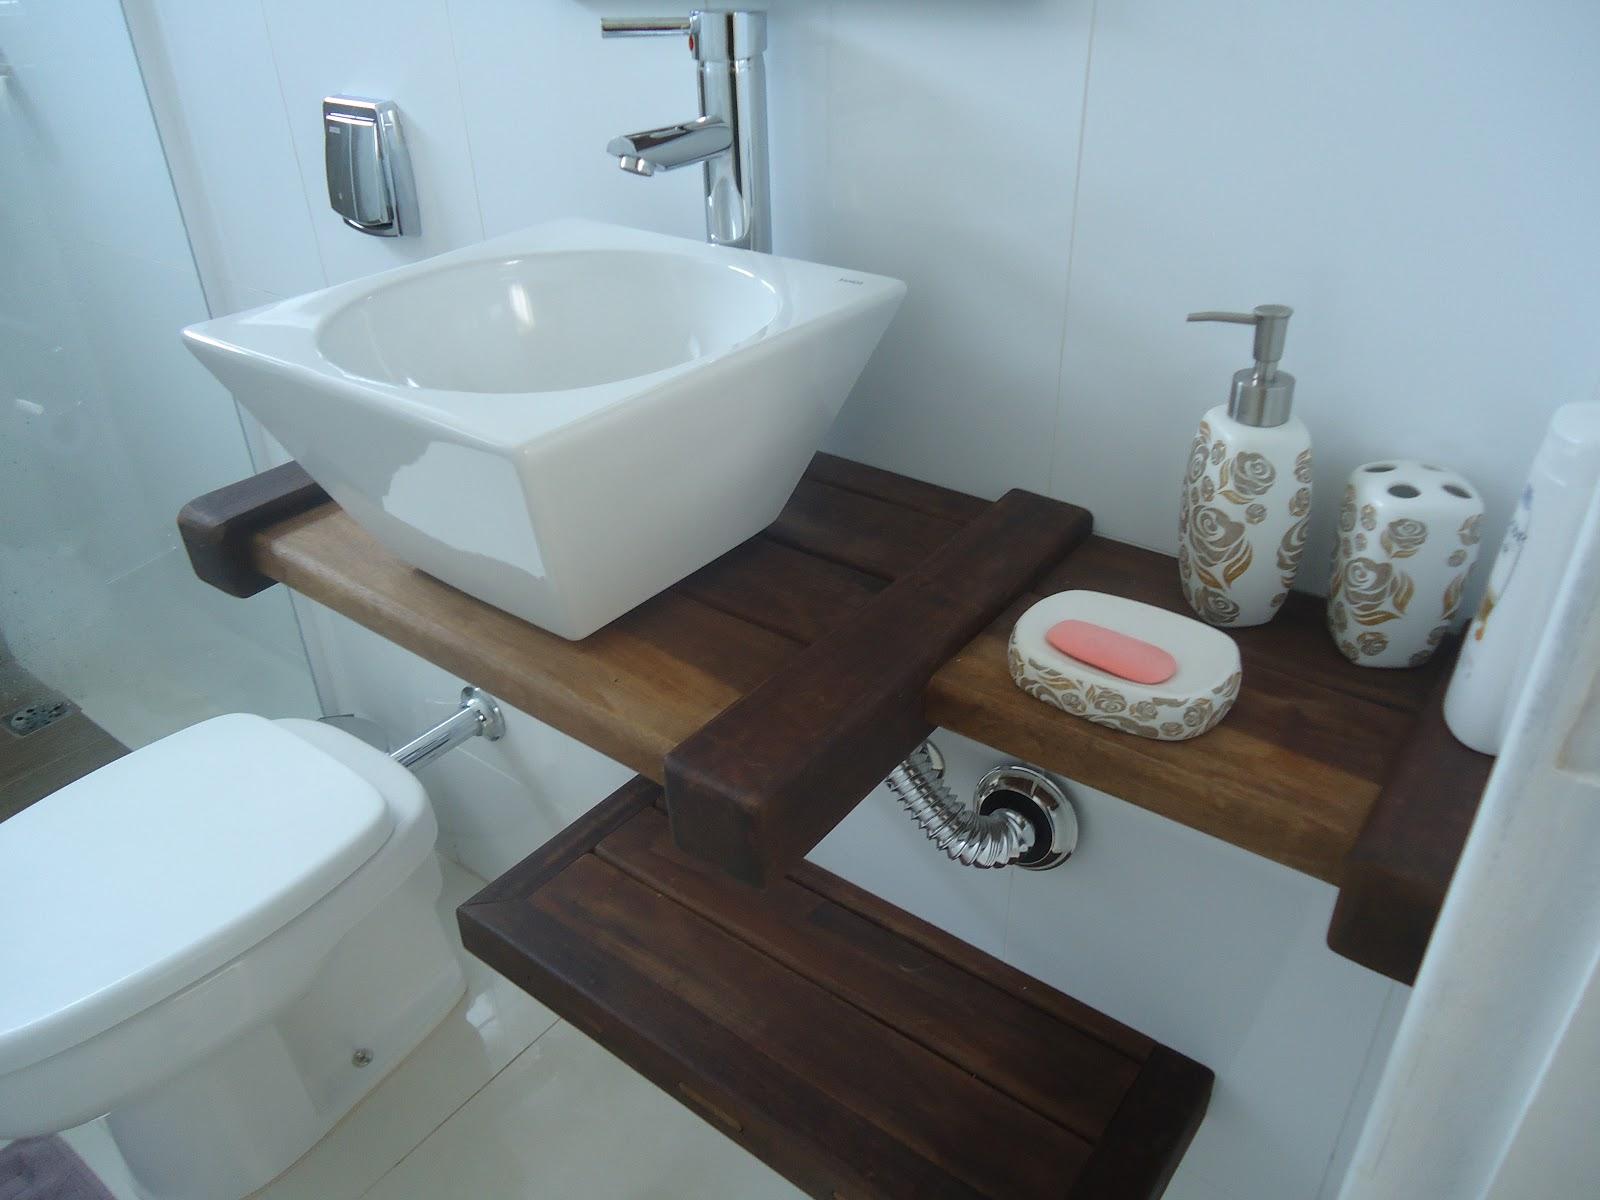 Pedras e Jardins: Pias para banheiros em madeira de demolição. #427089 1600x1200 Balcão Para Banheiro Em Madeira De Demolição